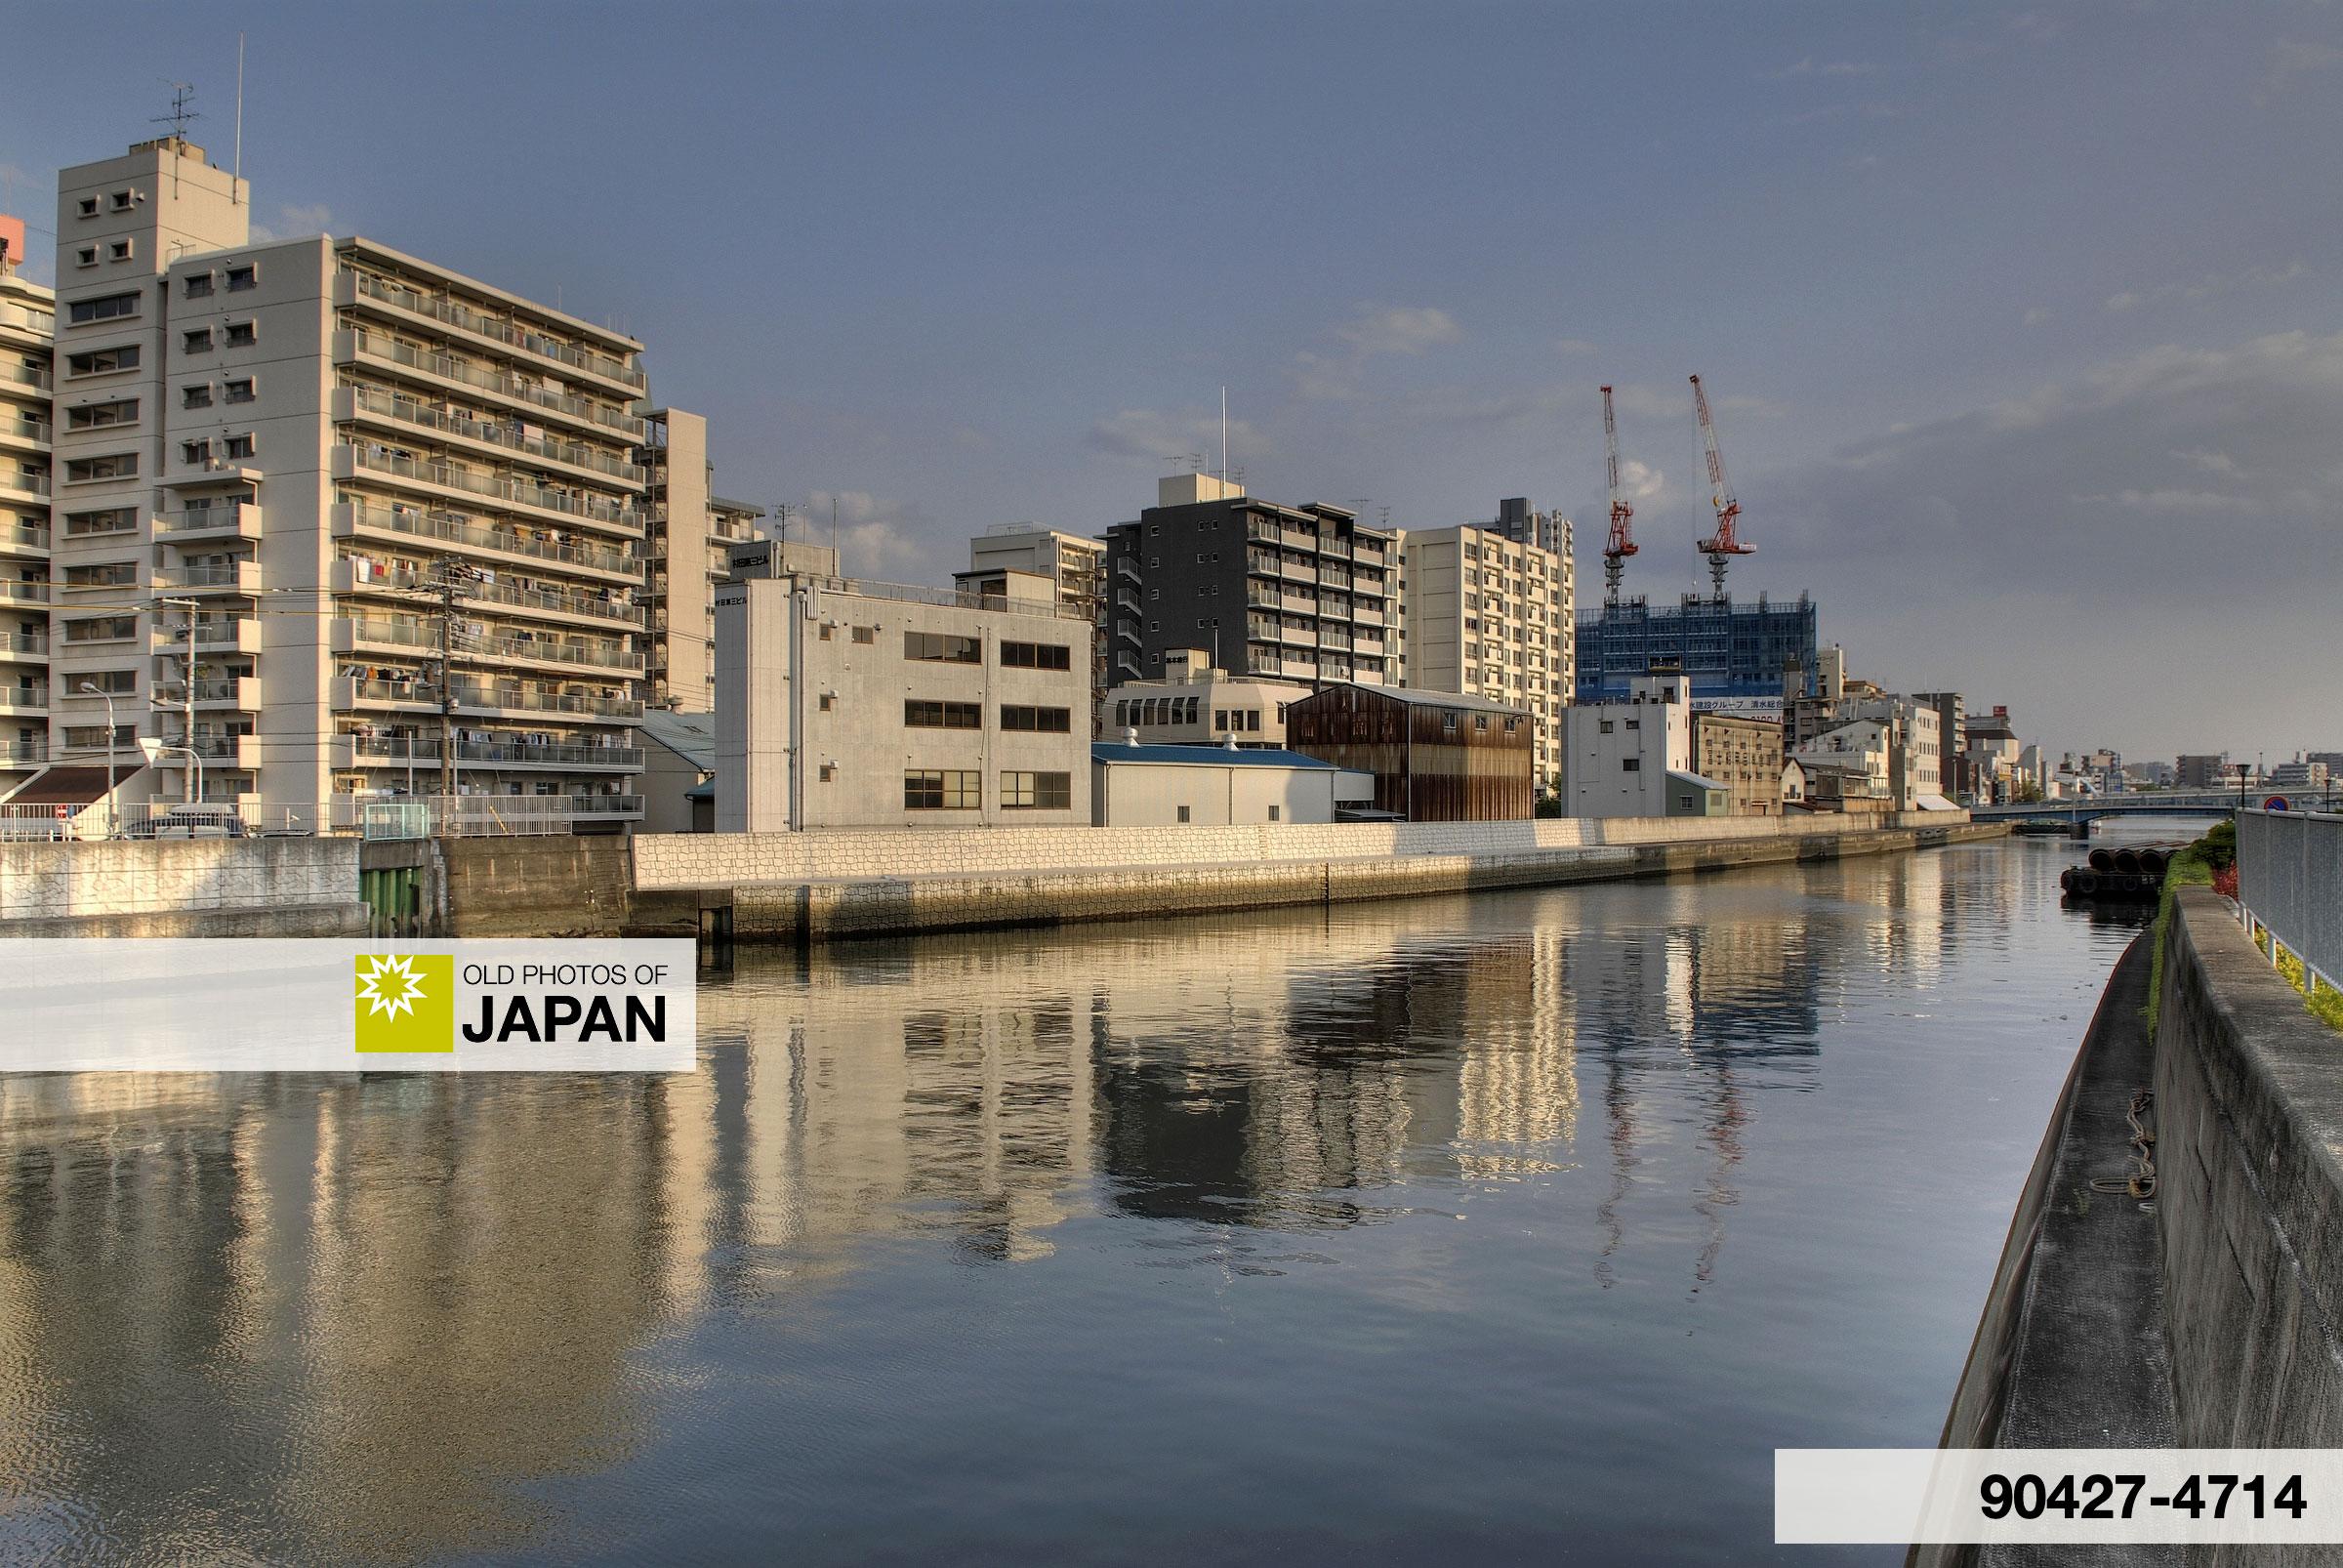 Kizugawa River, Osaka